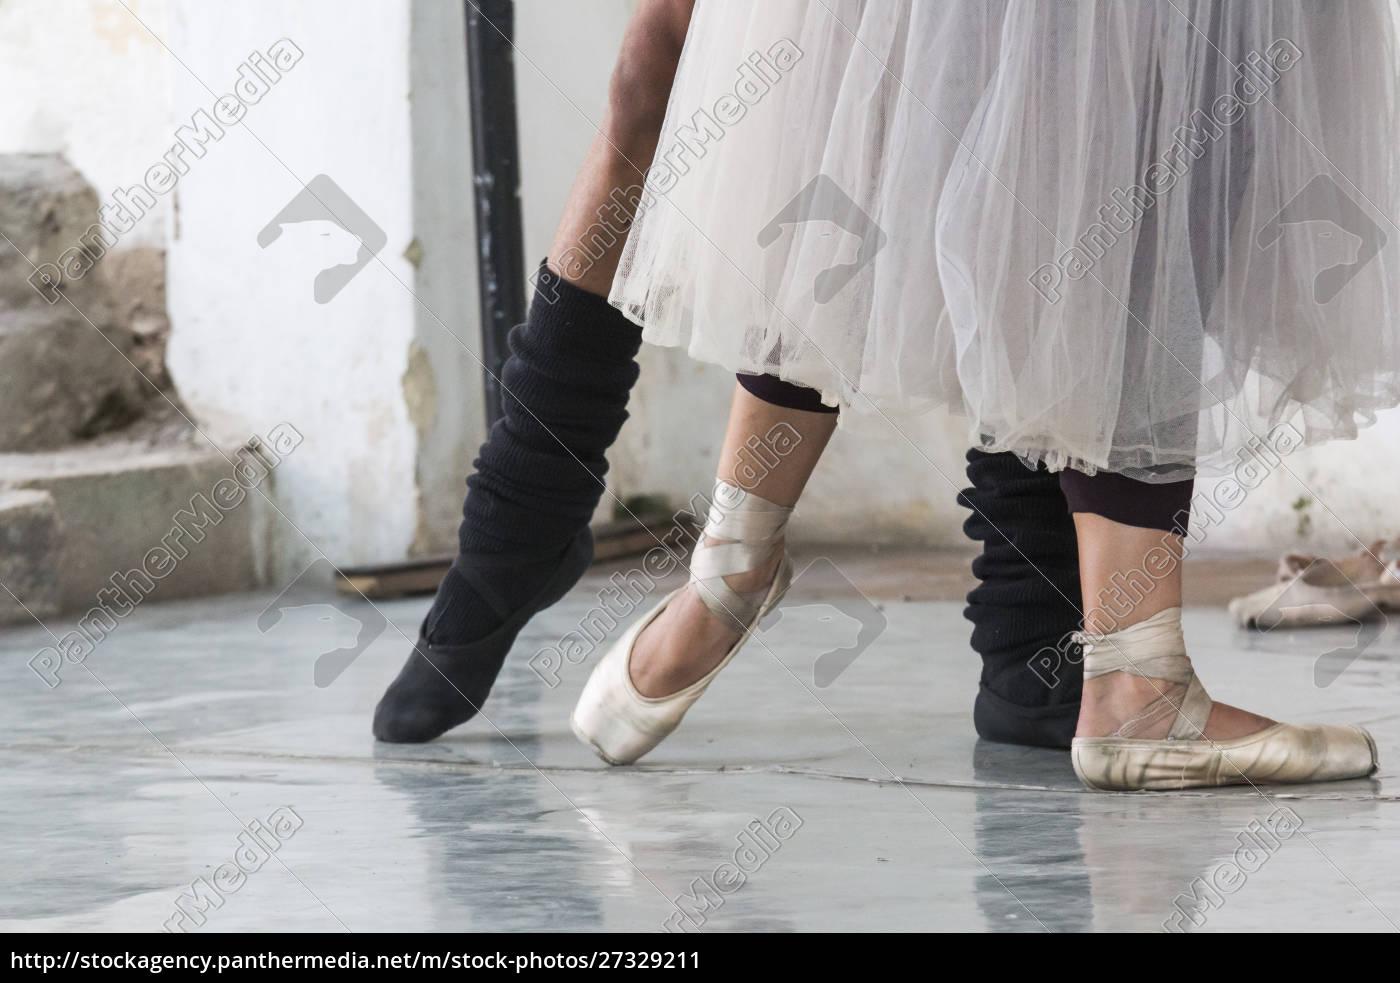 kuba, havanna., centro, pro, danza, 1988, von, laura - 27329211